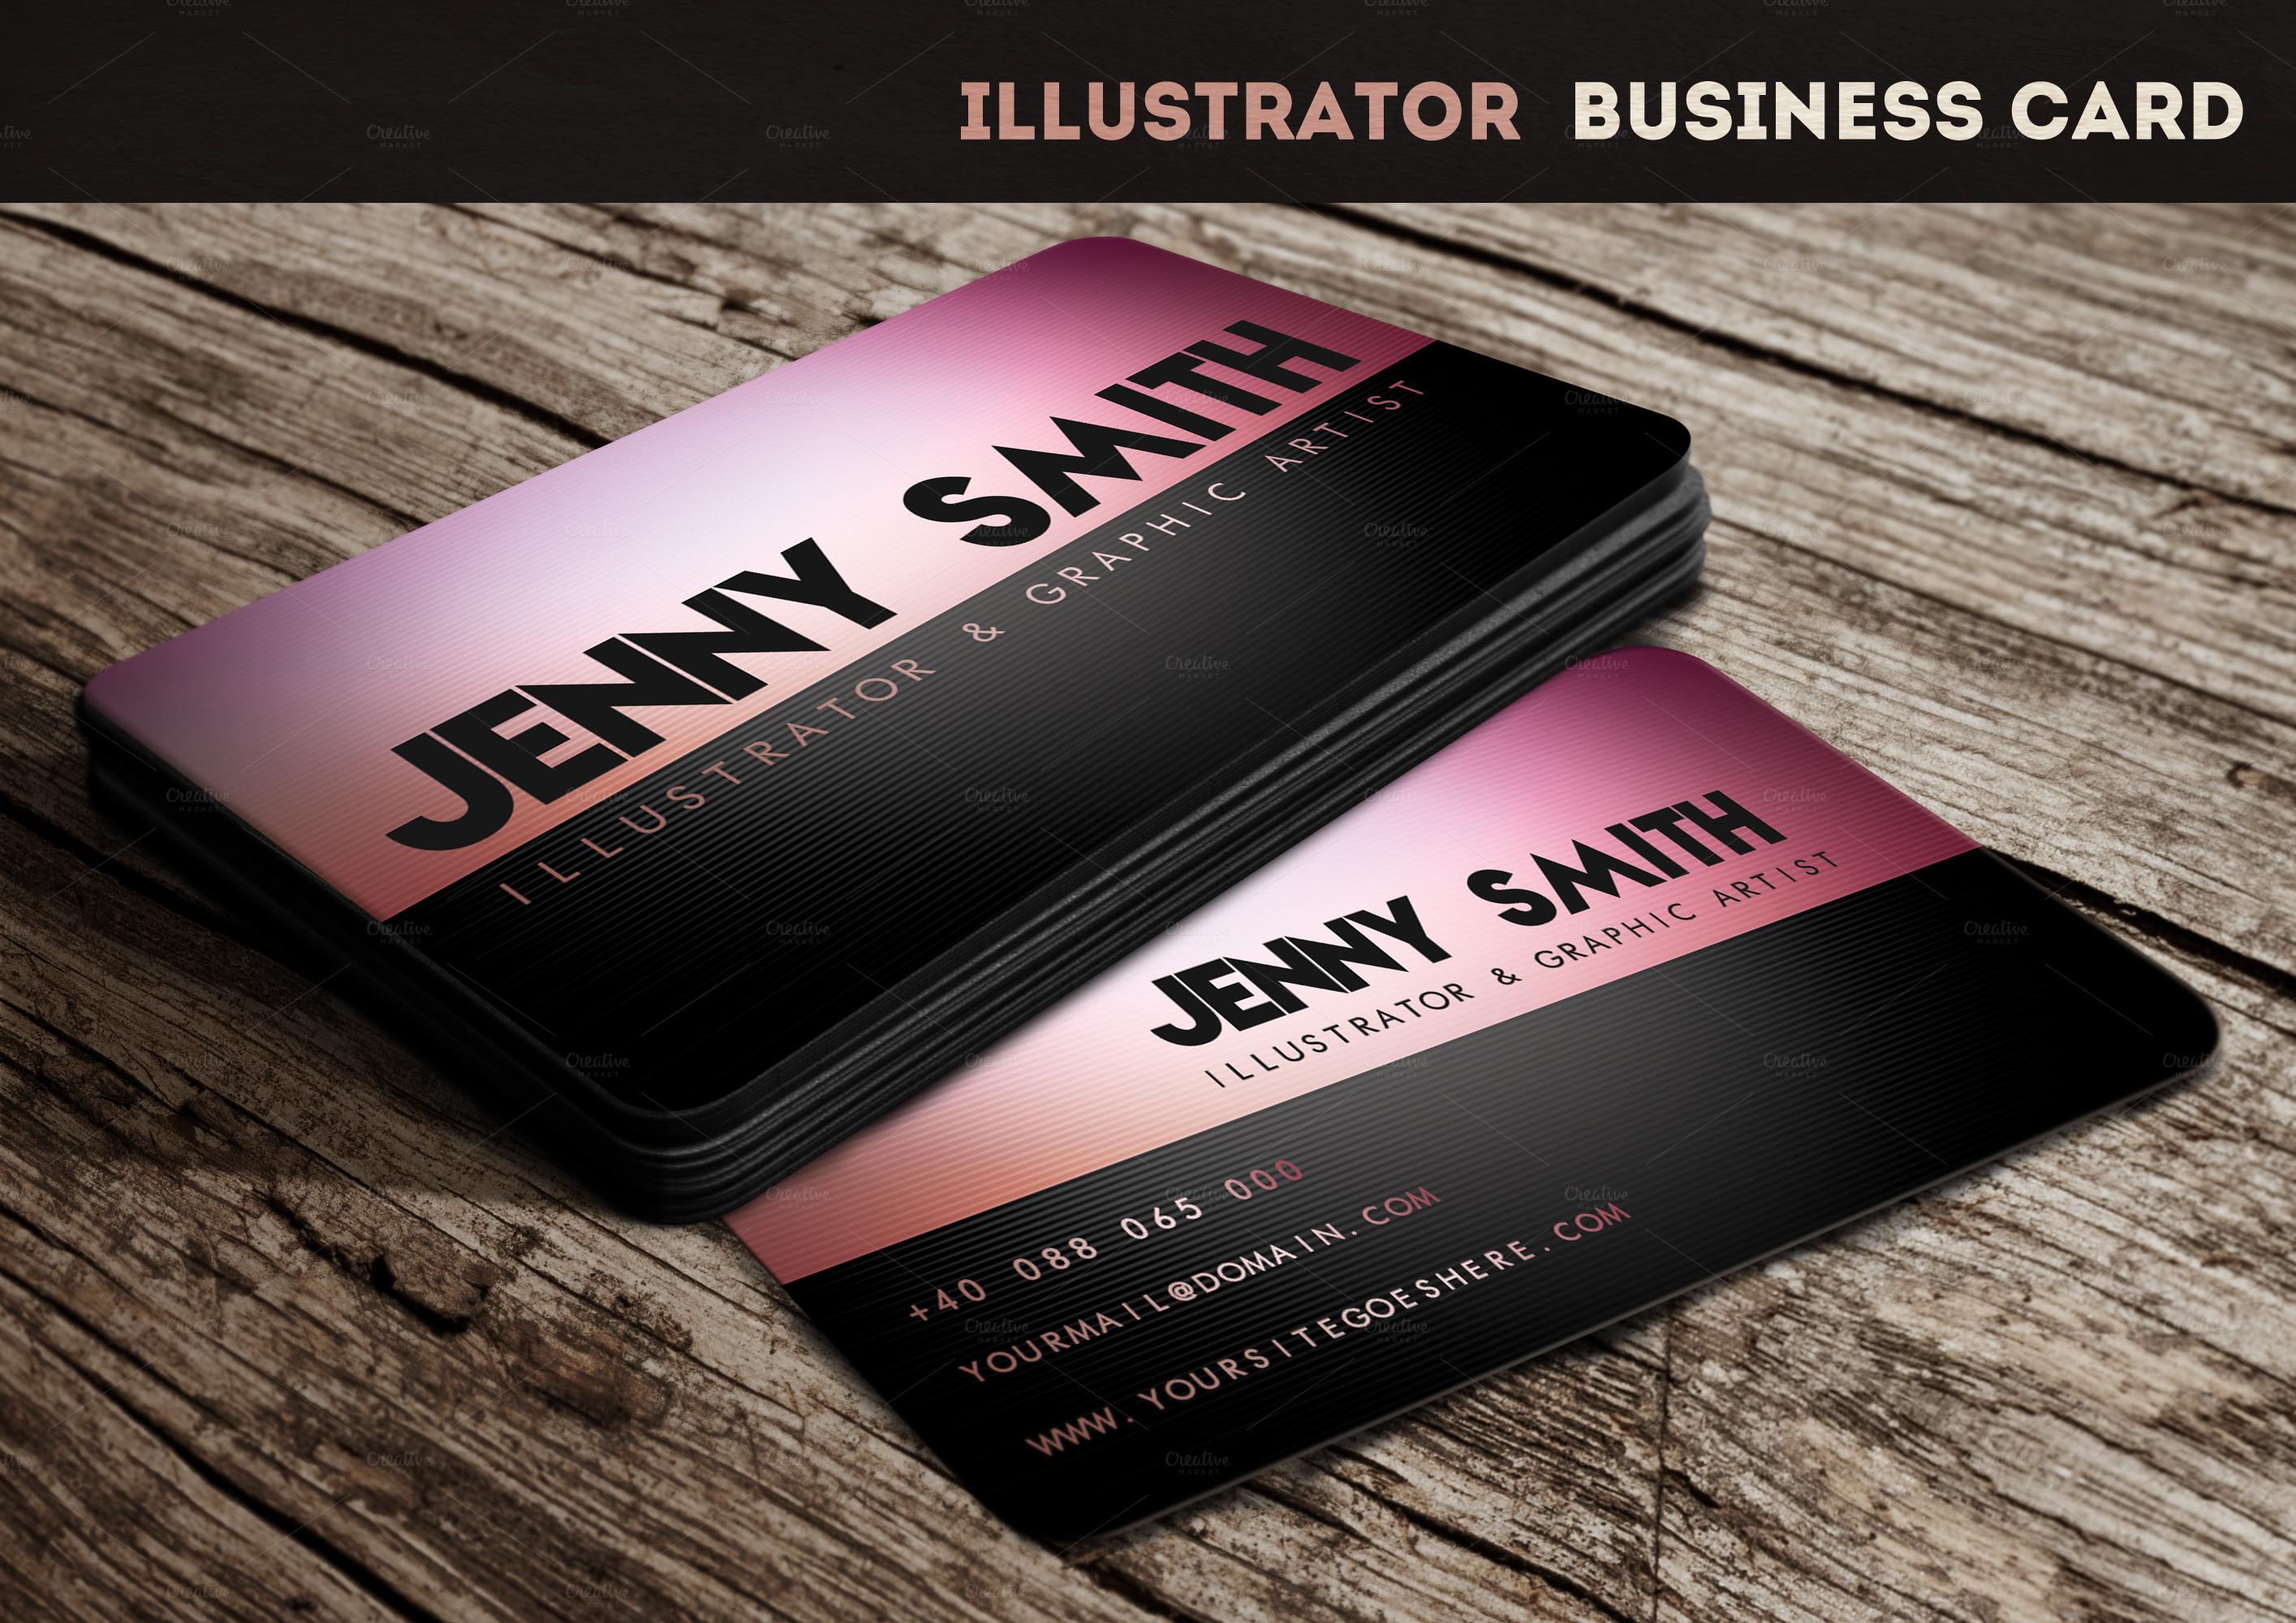 business cards illustrator template business card sample. Black Bedroom Furniture Sets. Home Design Ideas